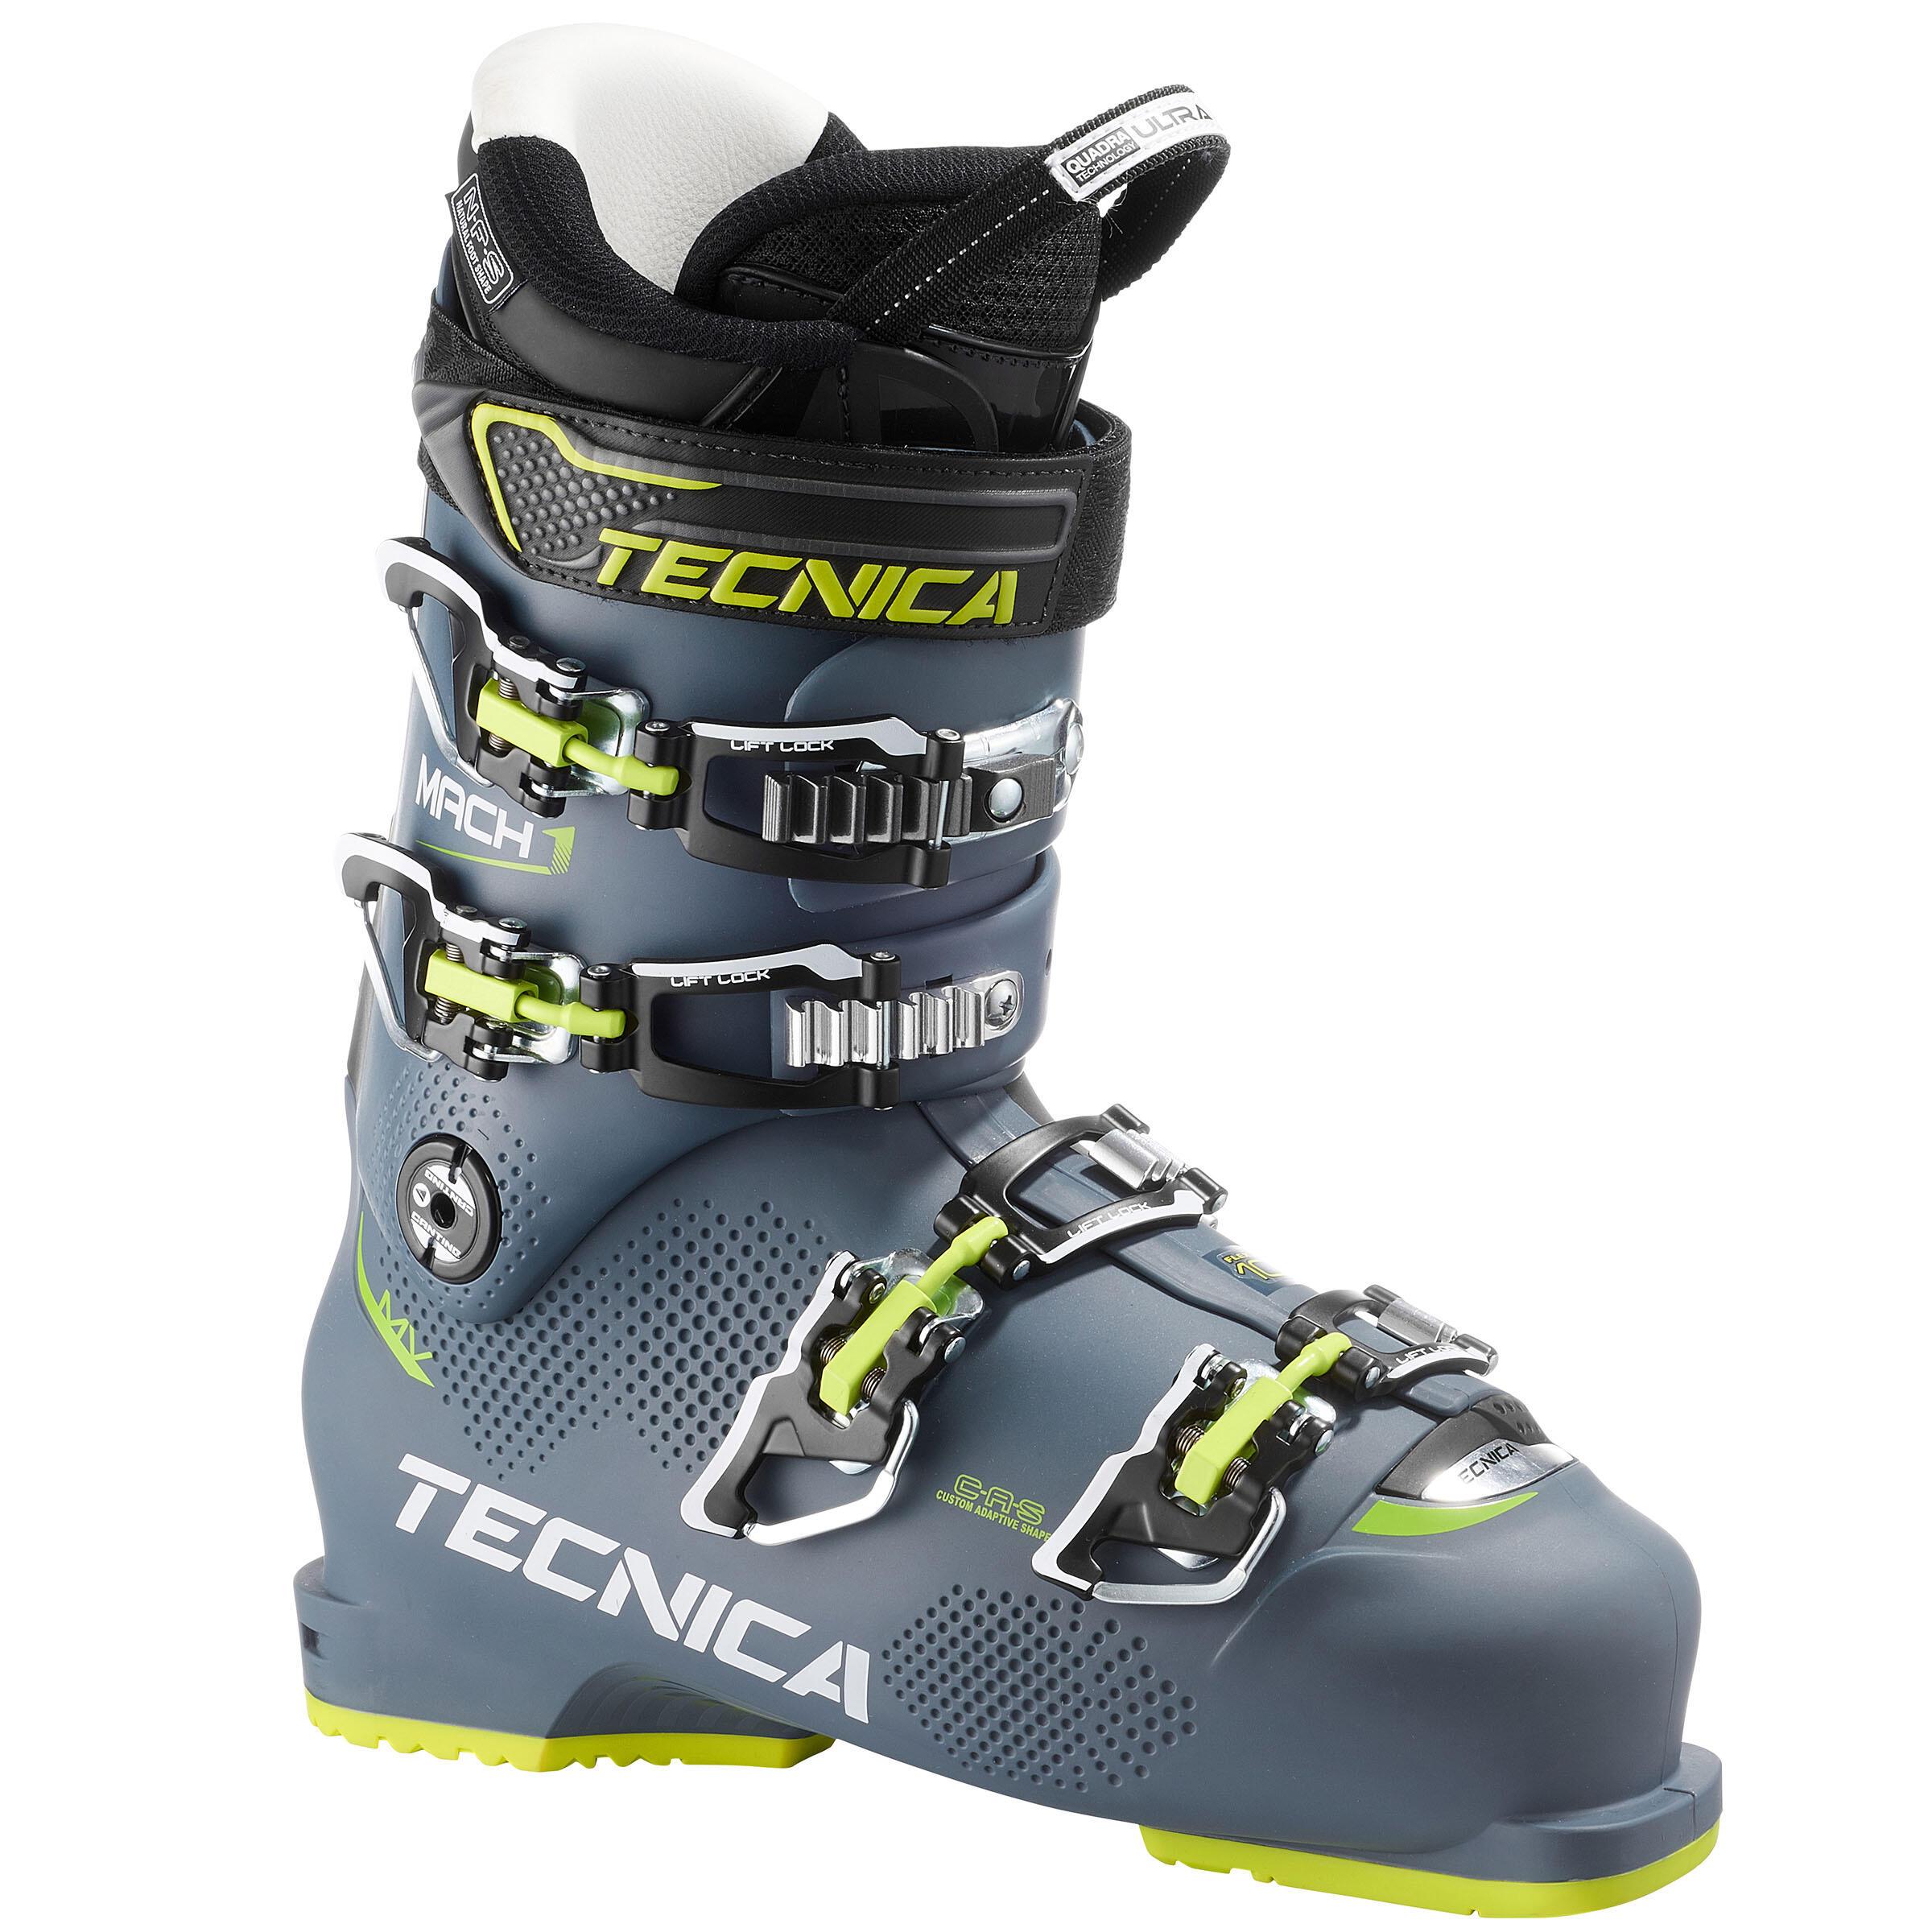 Tecnica Skischoenen voor heren Mach 1 100 geel thumbnail